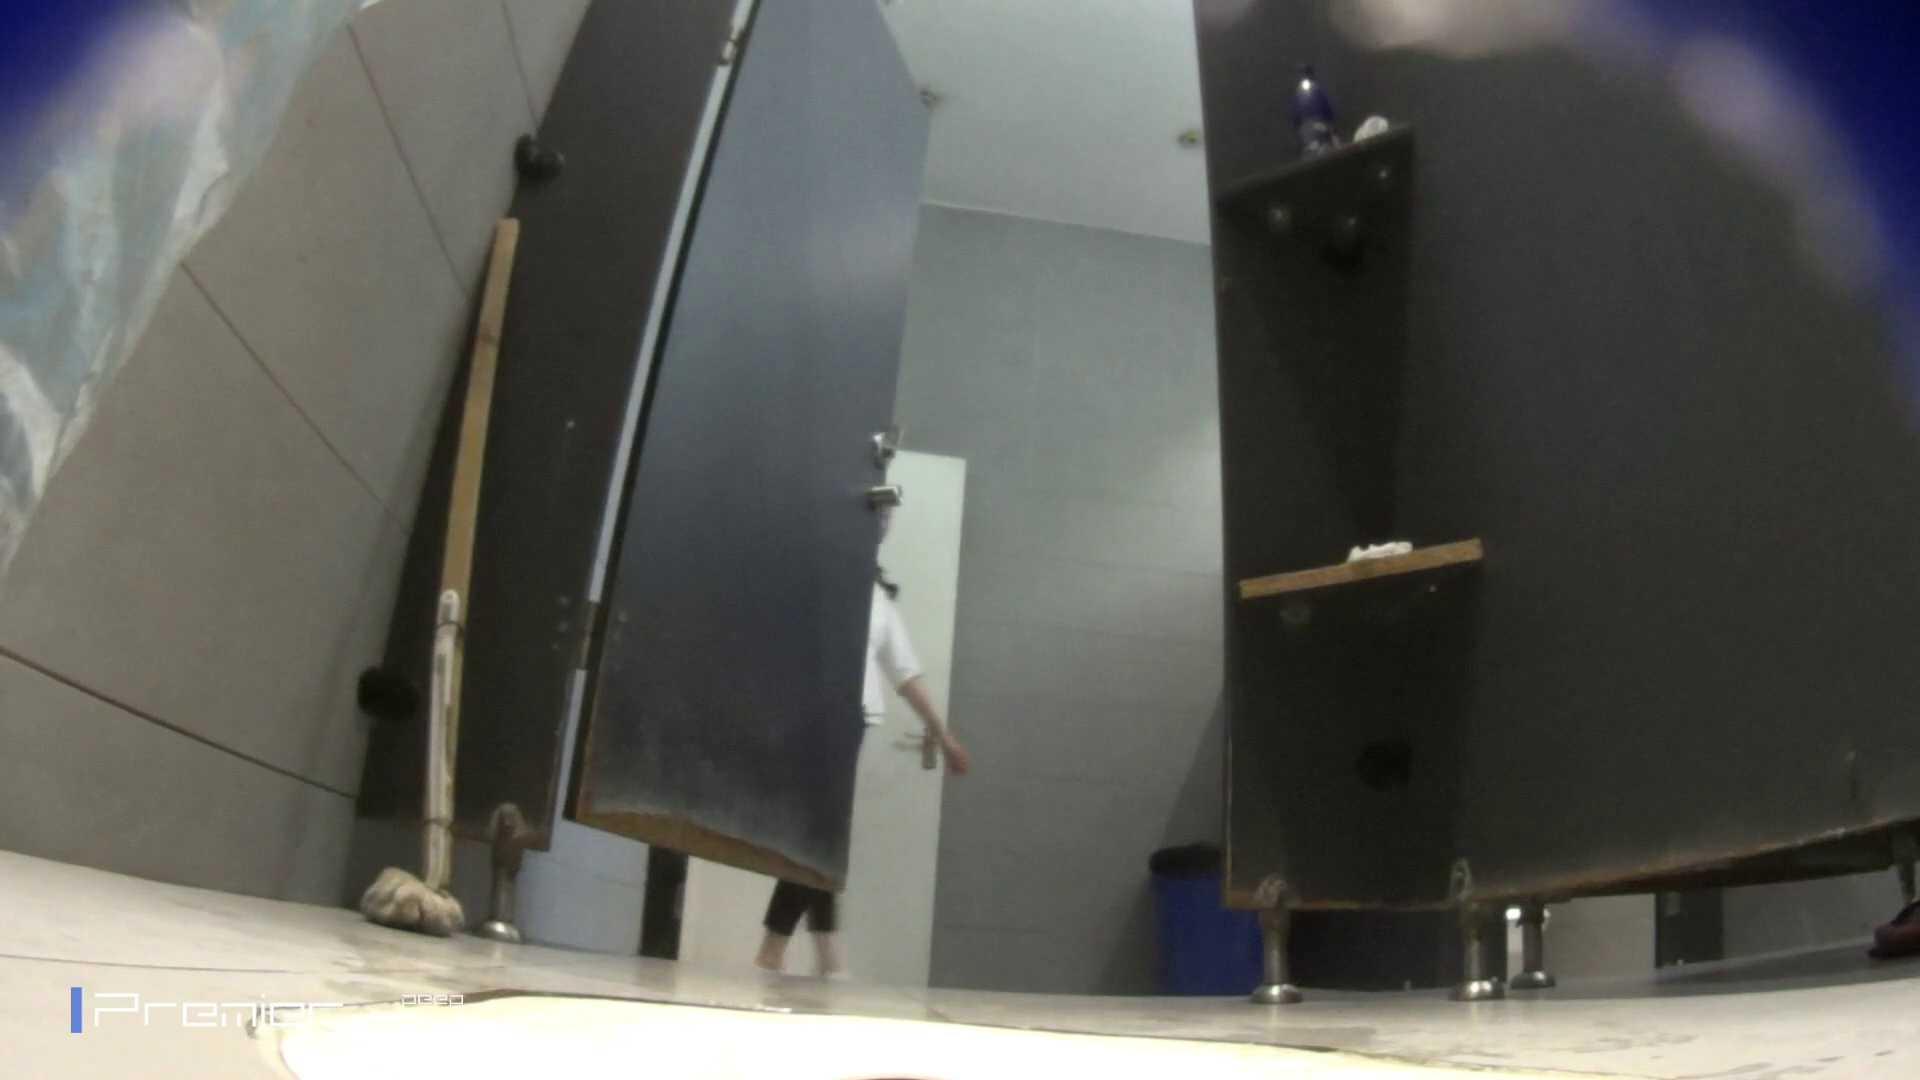 フロントから丸見え! 大学休憩時間の洗面所事情60 丸見え 濡れ場動画紹介 87pic 41